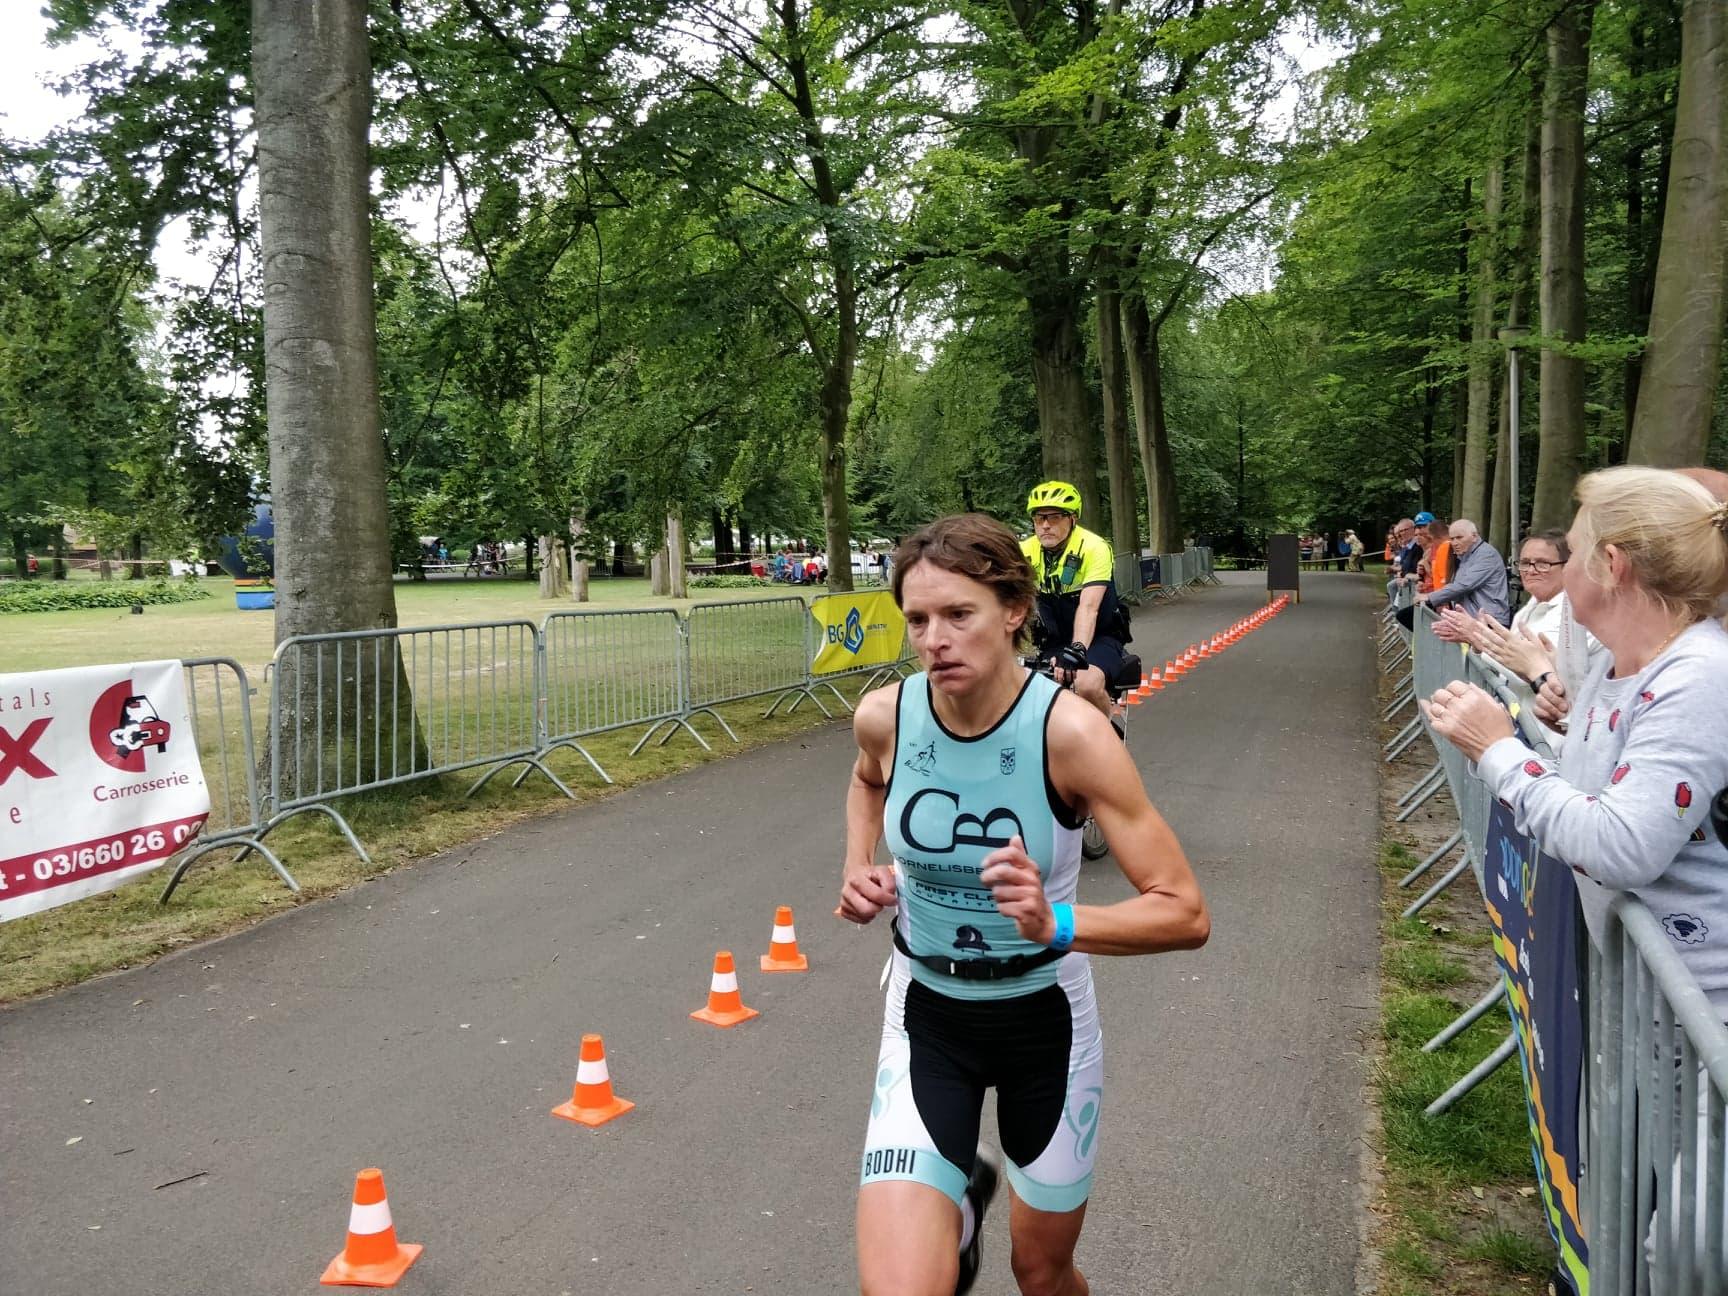 Helga Sibick winnares in Brasschaat (foto: 3athlon.be)